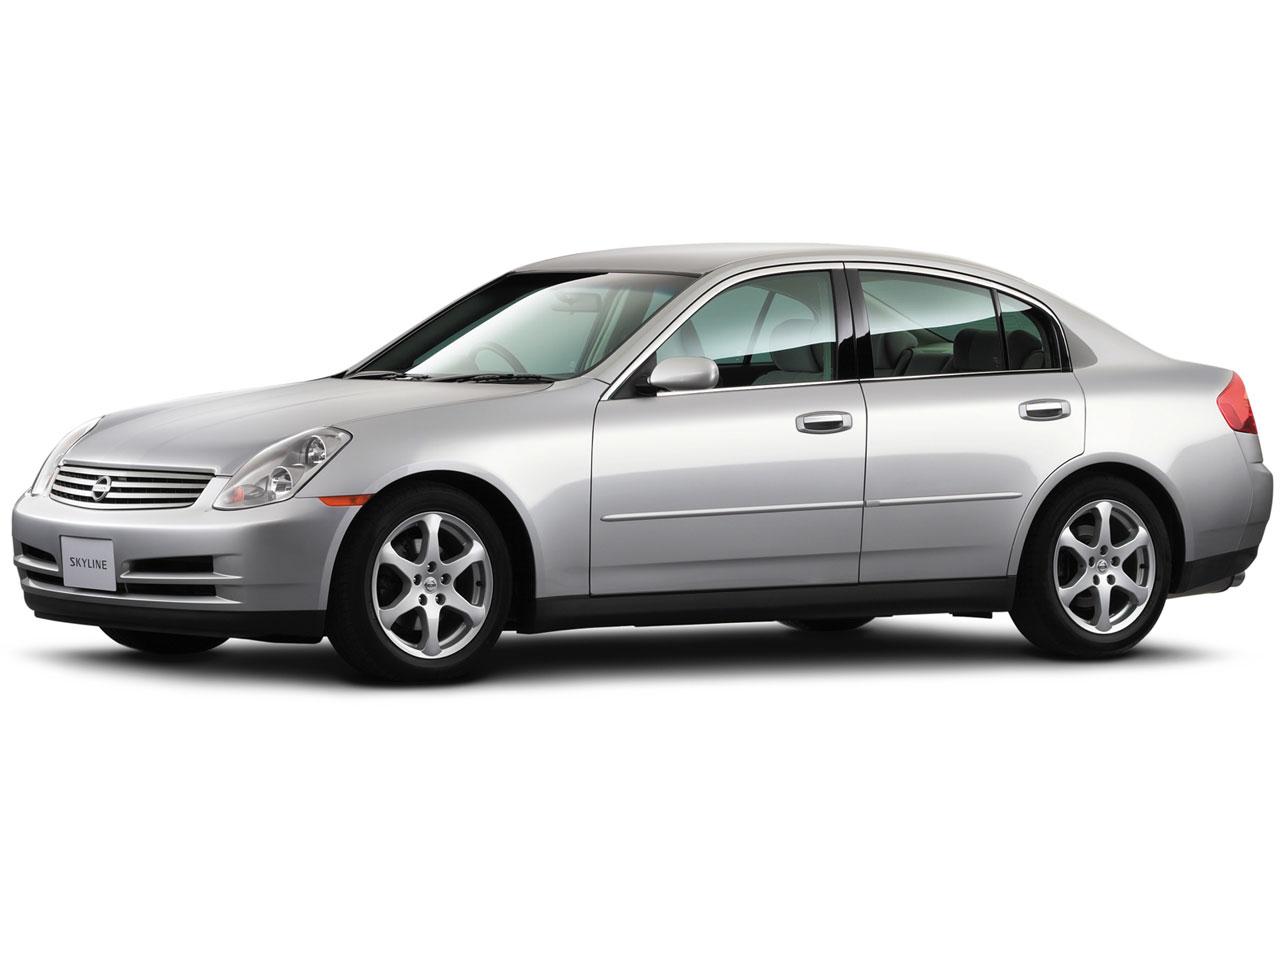 日産 スカイライン 2001年モデル 新車画像